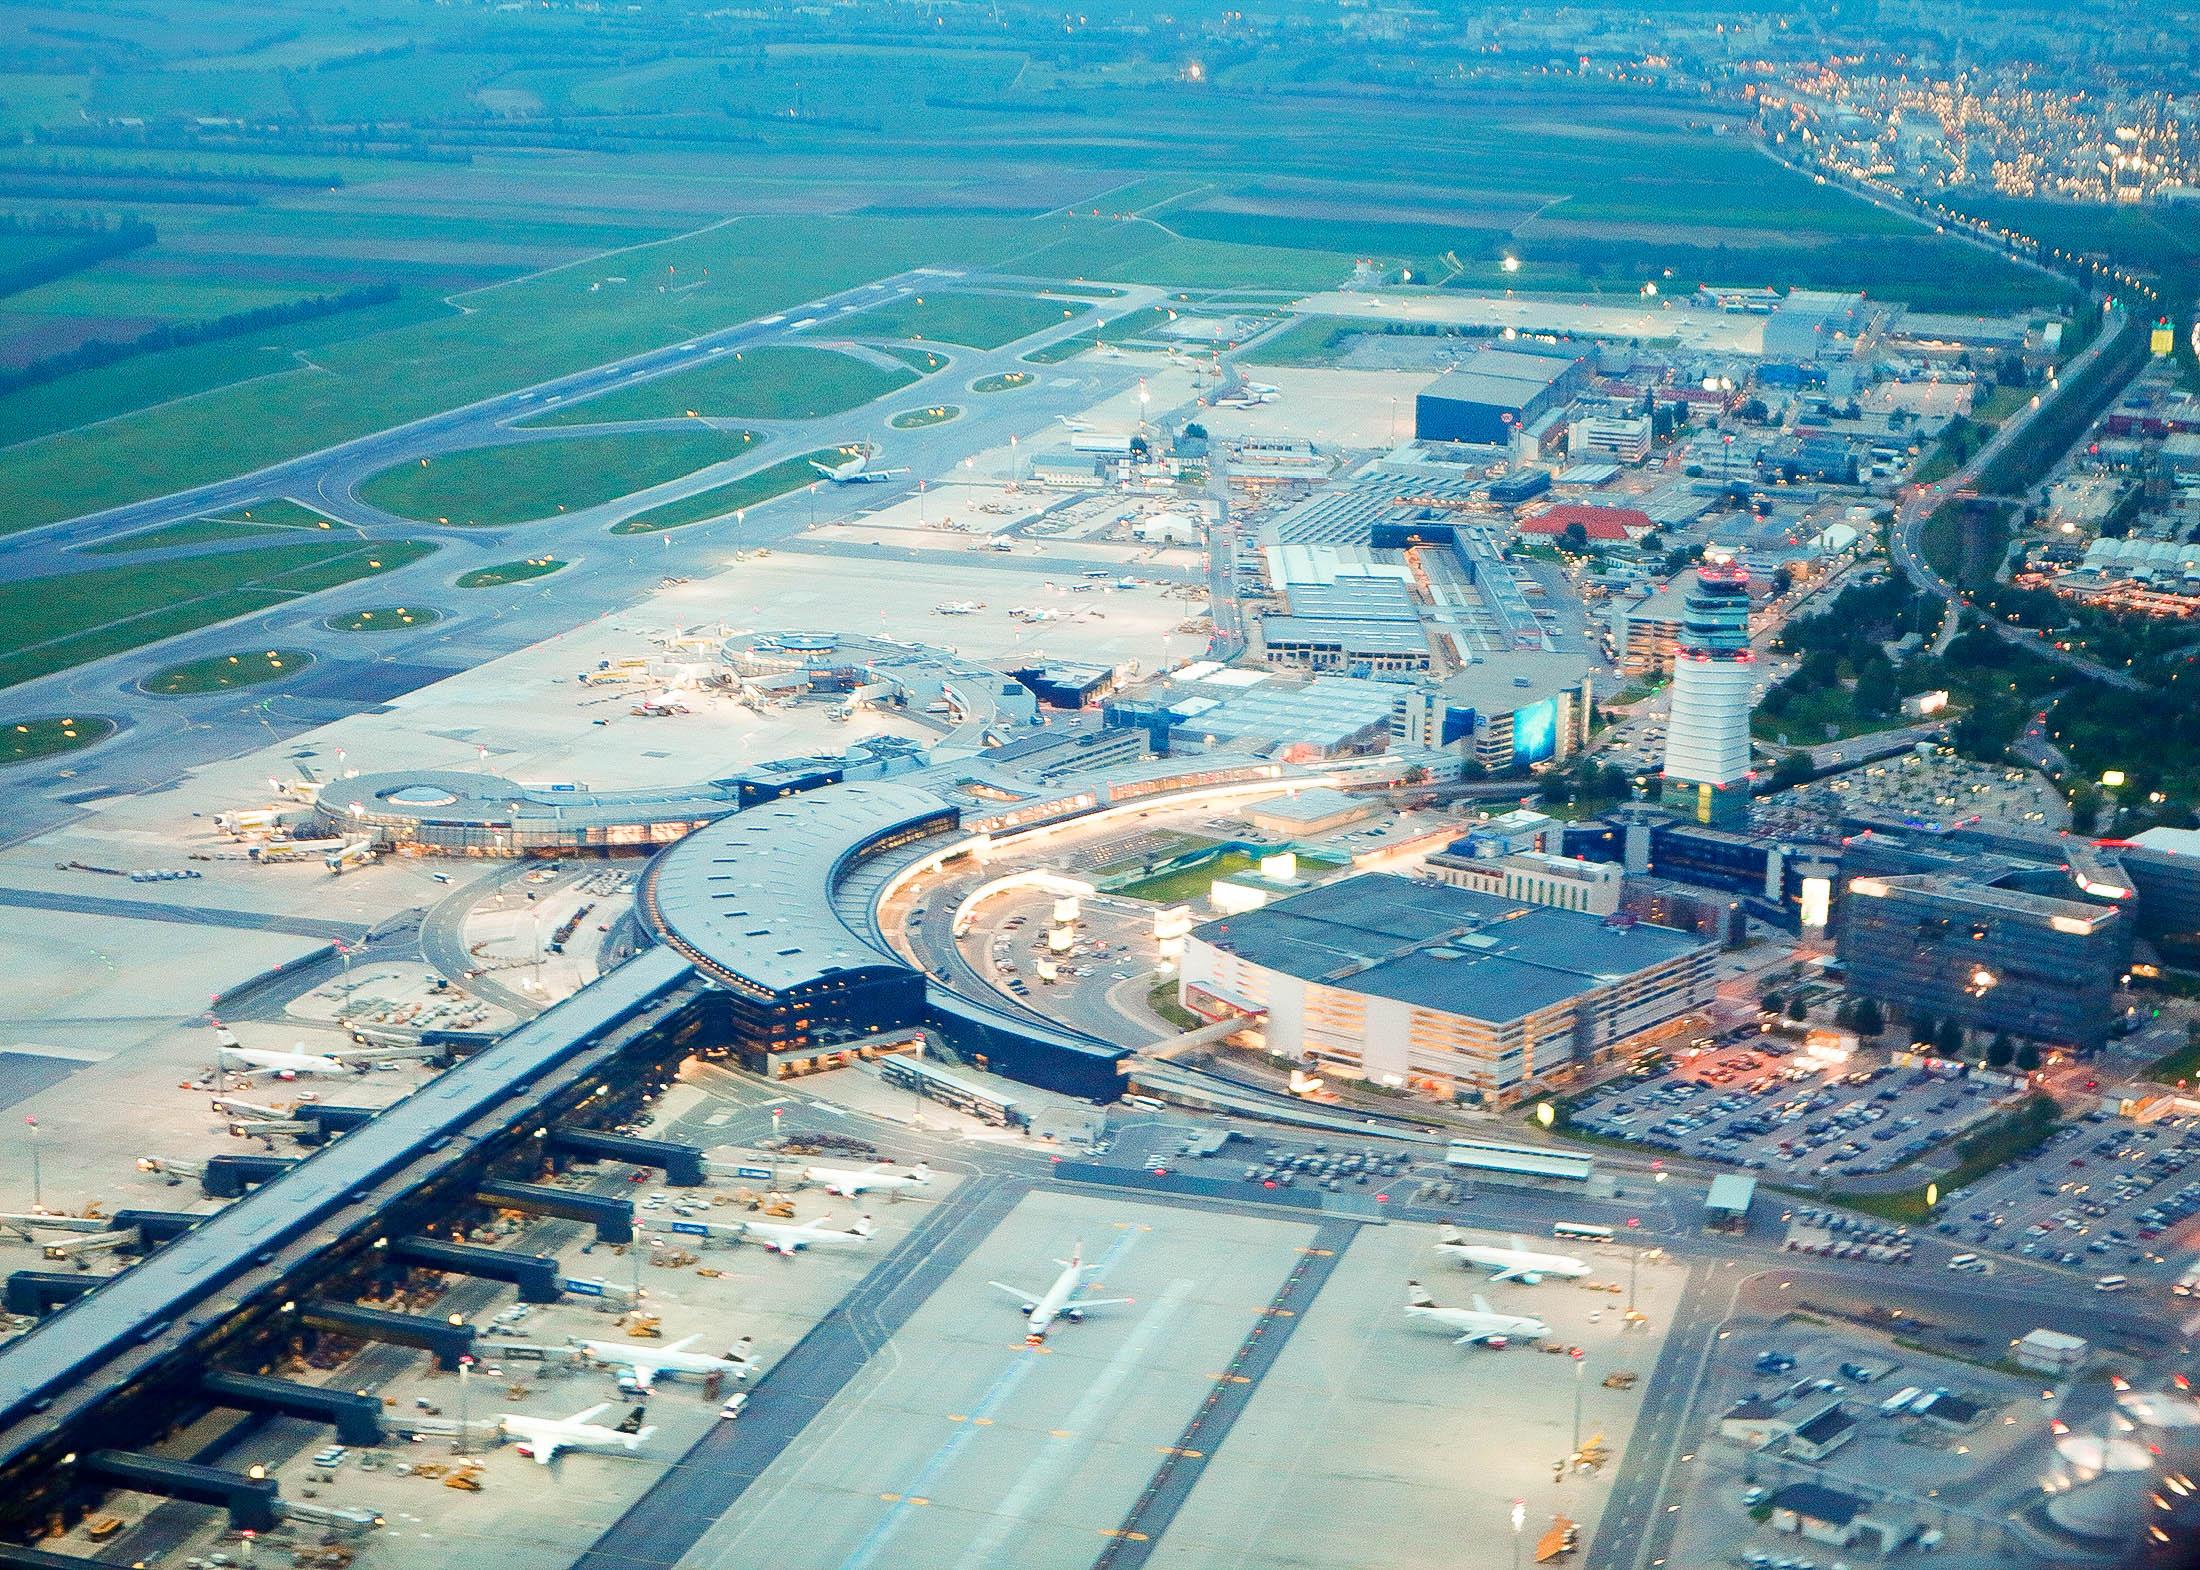 Vienna International Airport aerial view